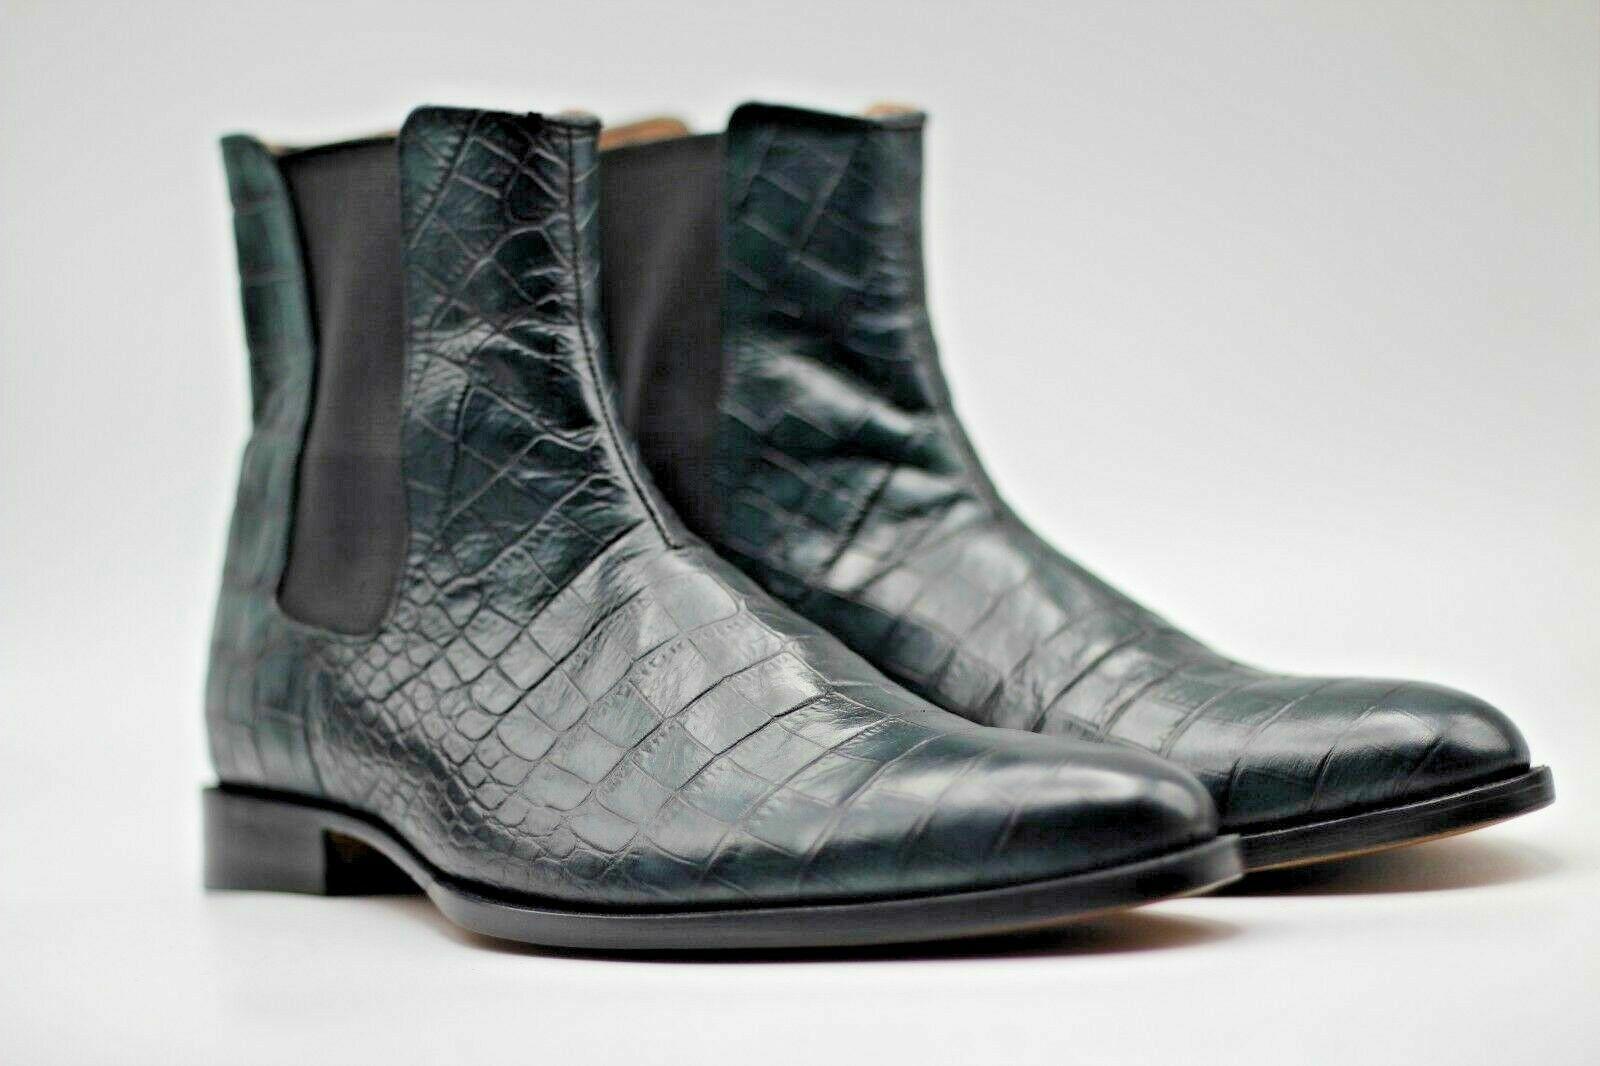 botas para hombre hecho a mano de cuero genuino Becerro verde sombreada Cocodrilo impresión Chelsea